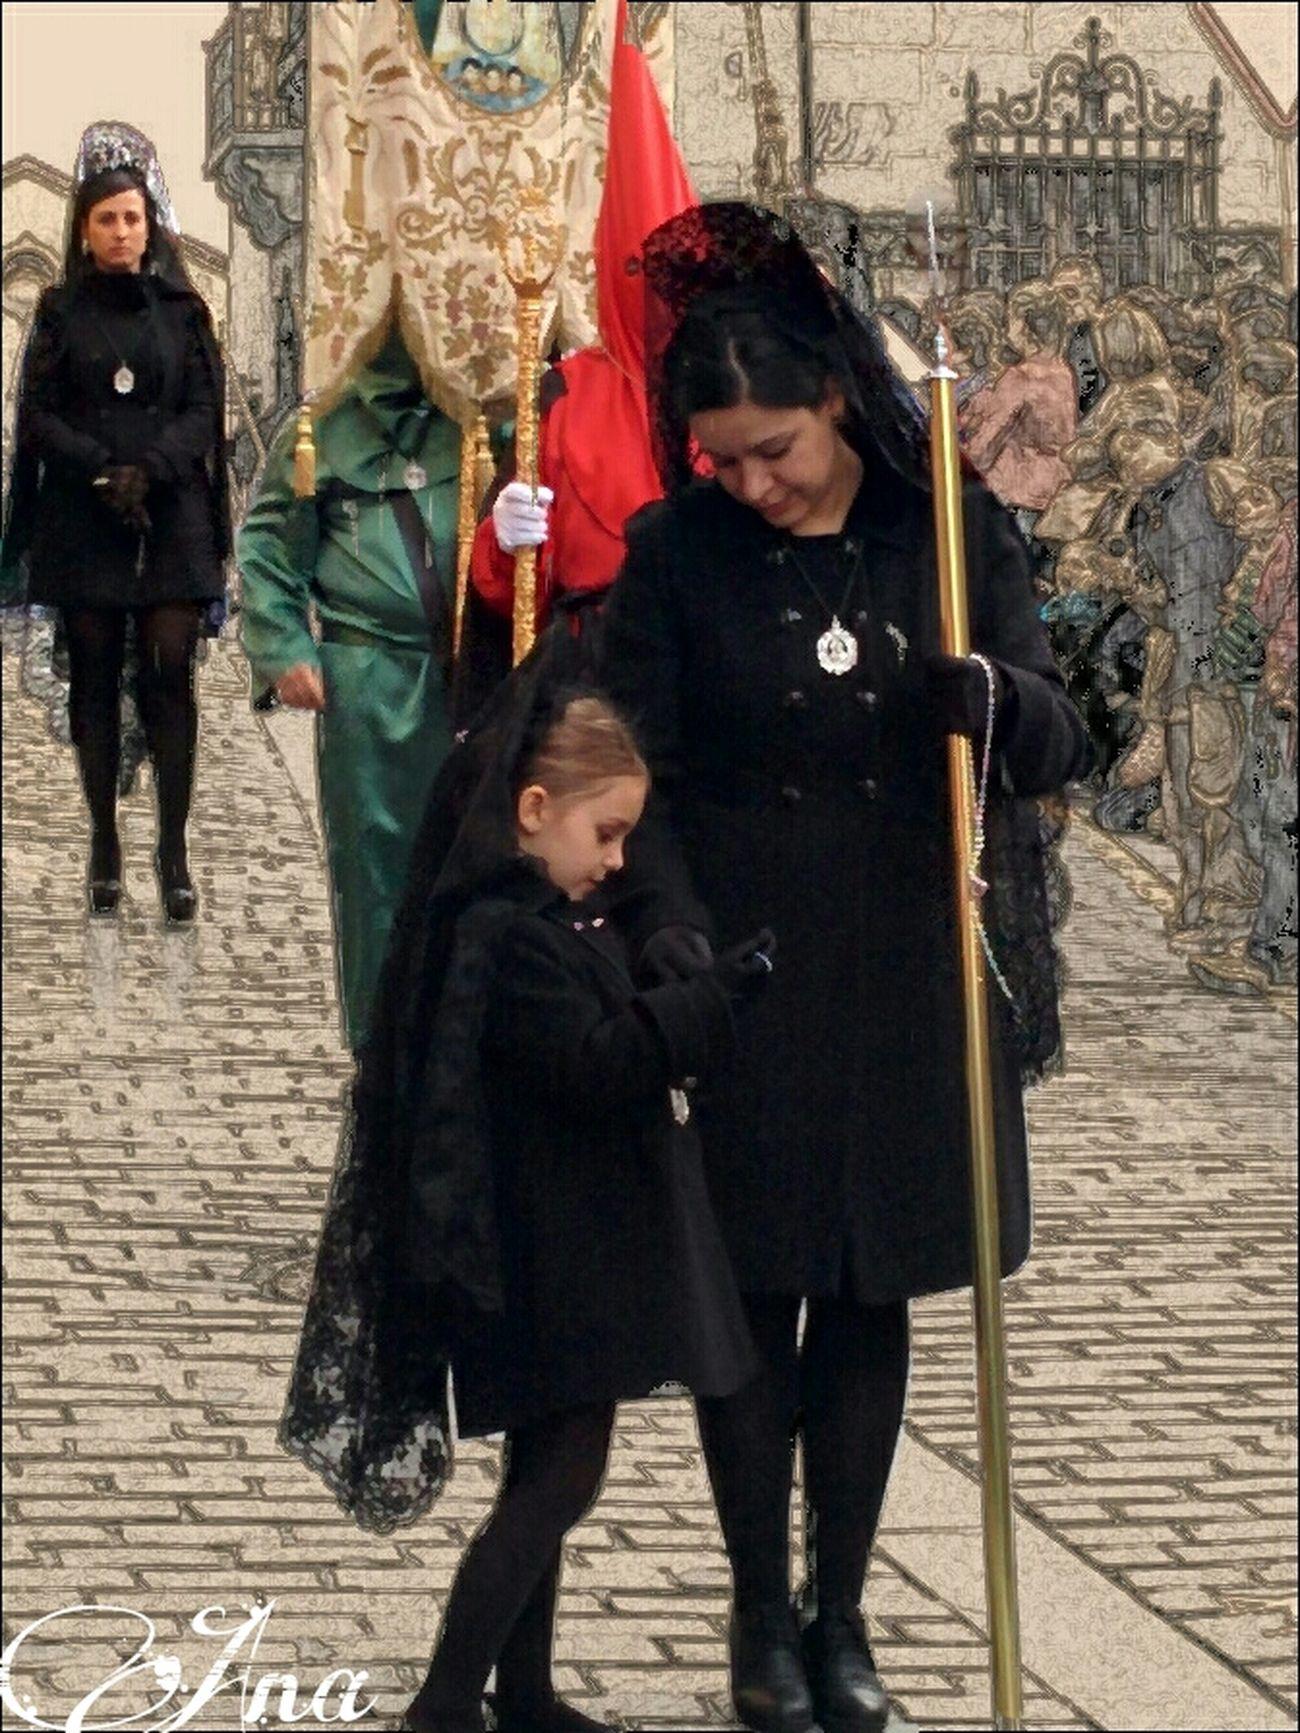 Holy week in Spain Holy Week Semana Santa SPAIN Avila